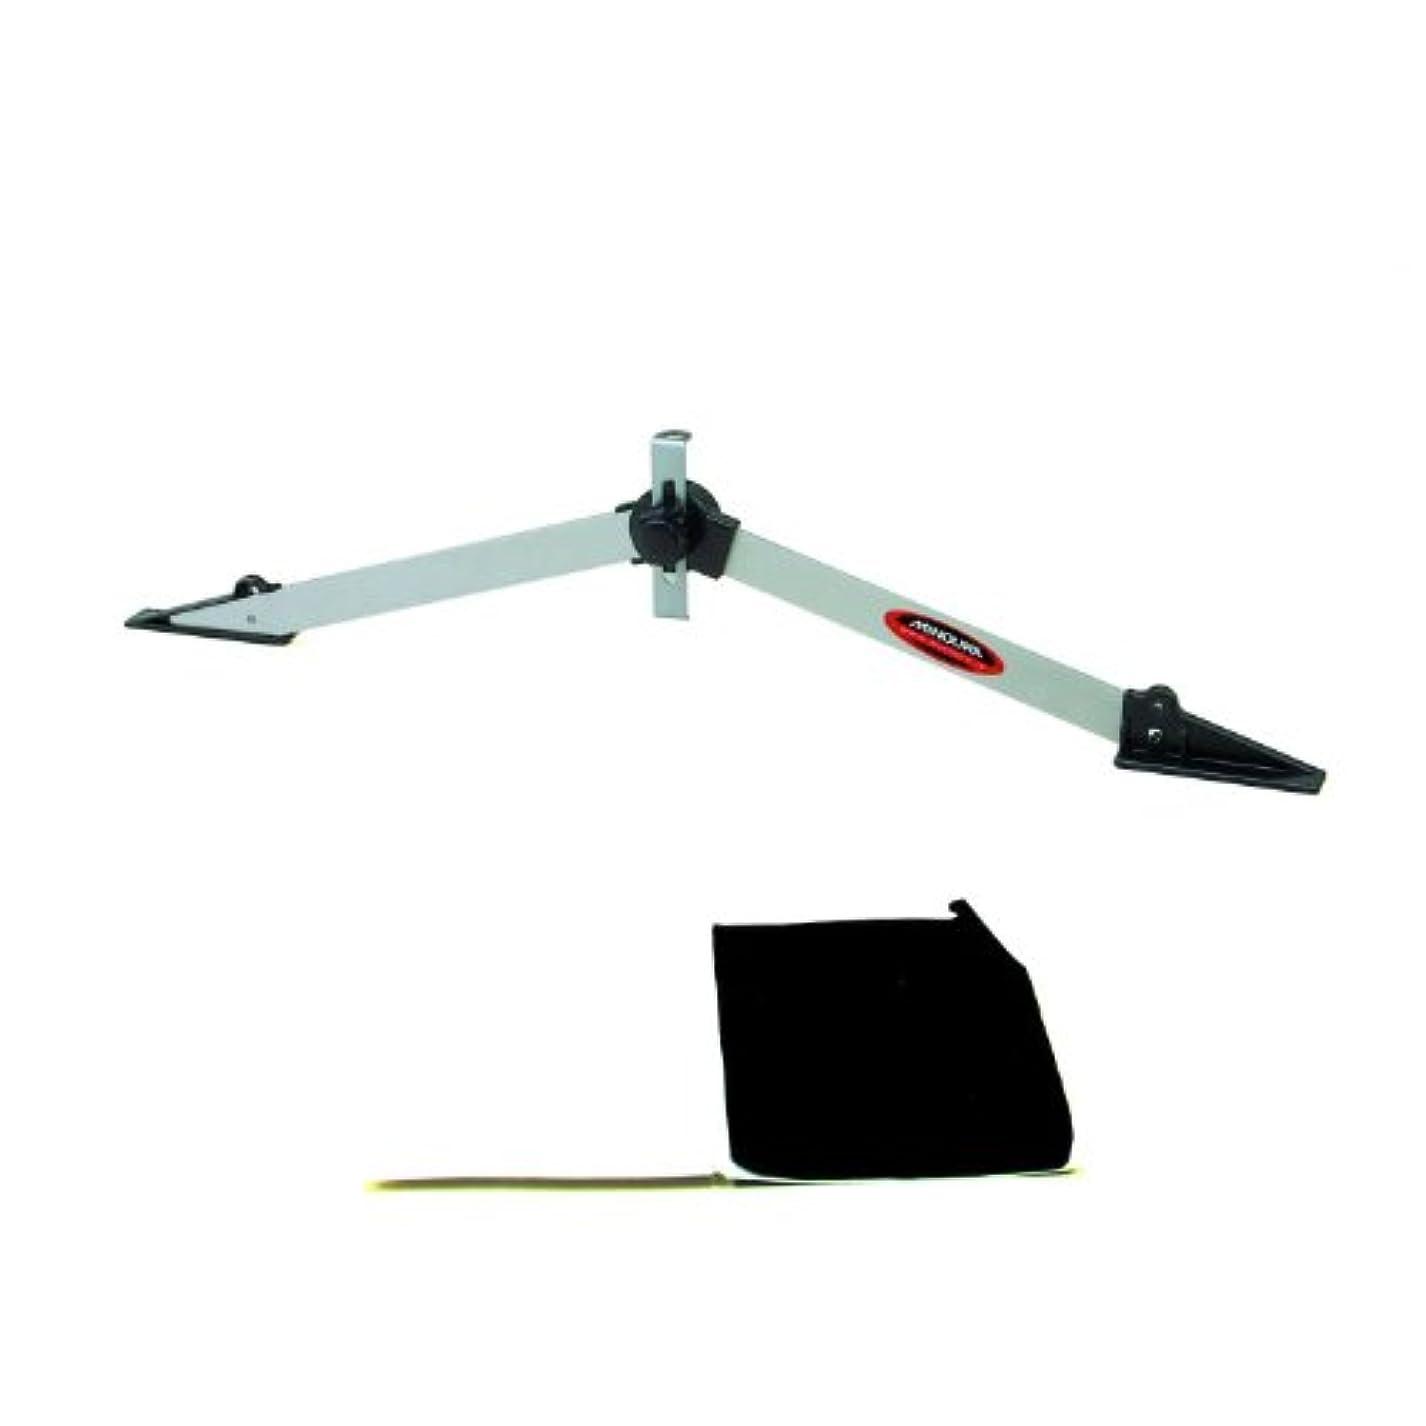 有効化軽蔑する添付MINOURA(ミノウラ) ホイールセンターゲージ FCG-310 シルバー